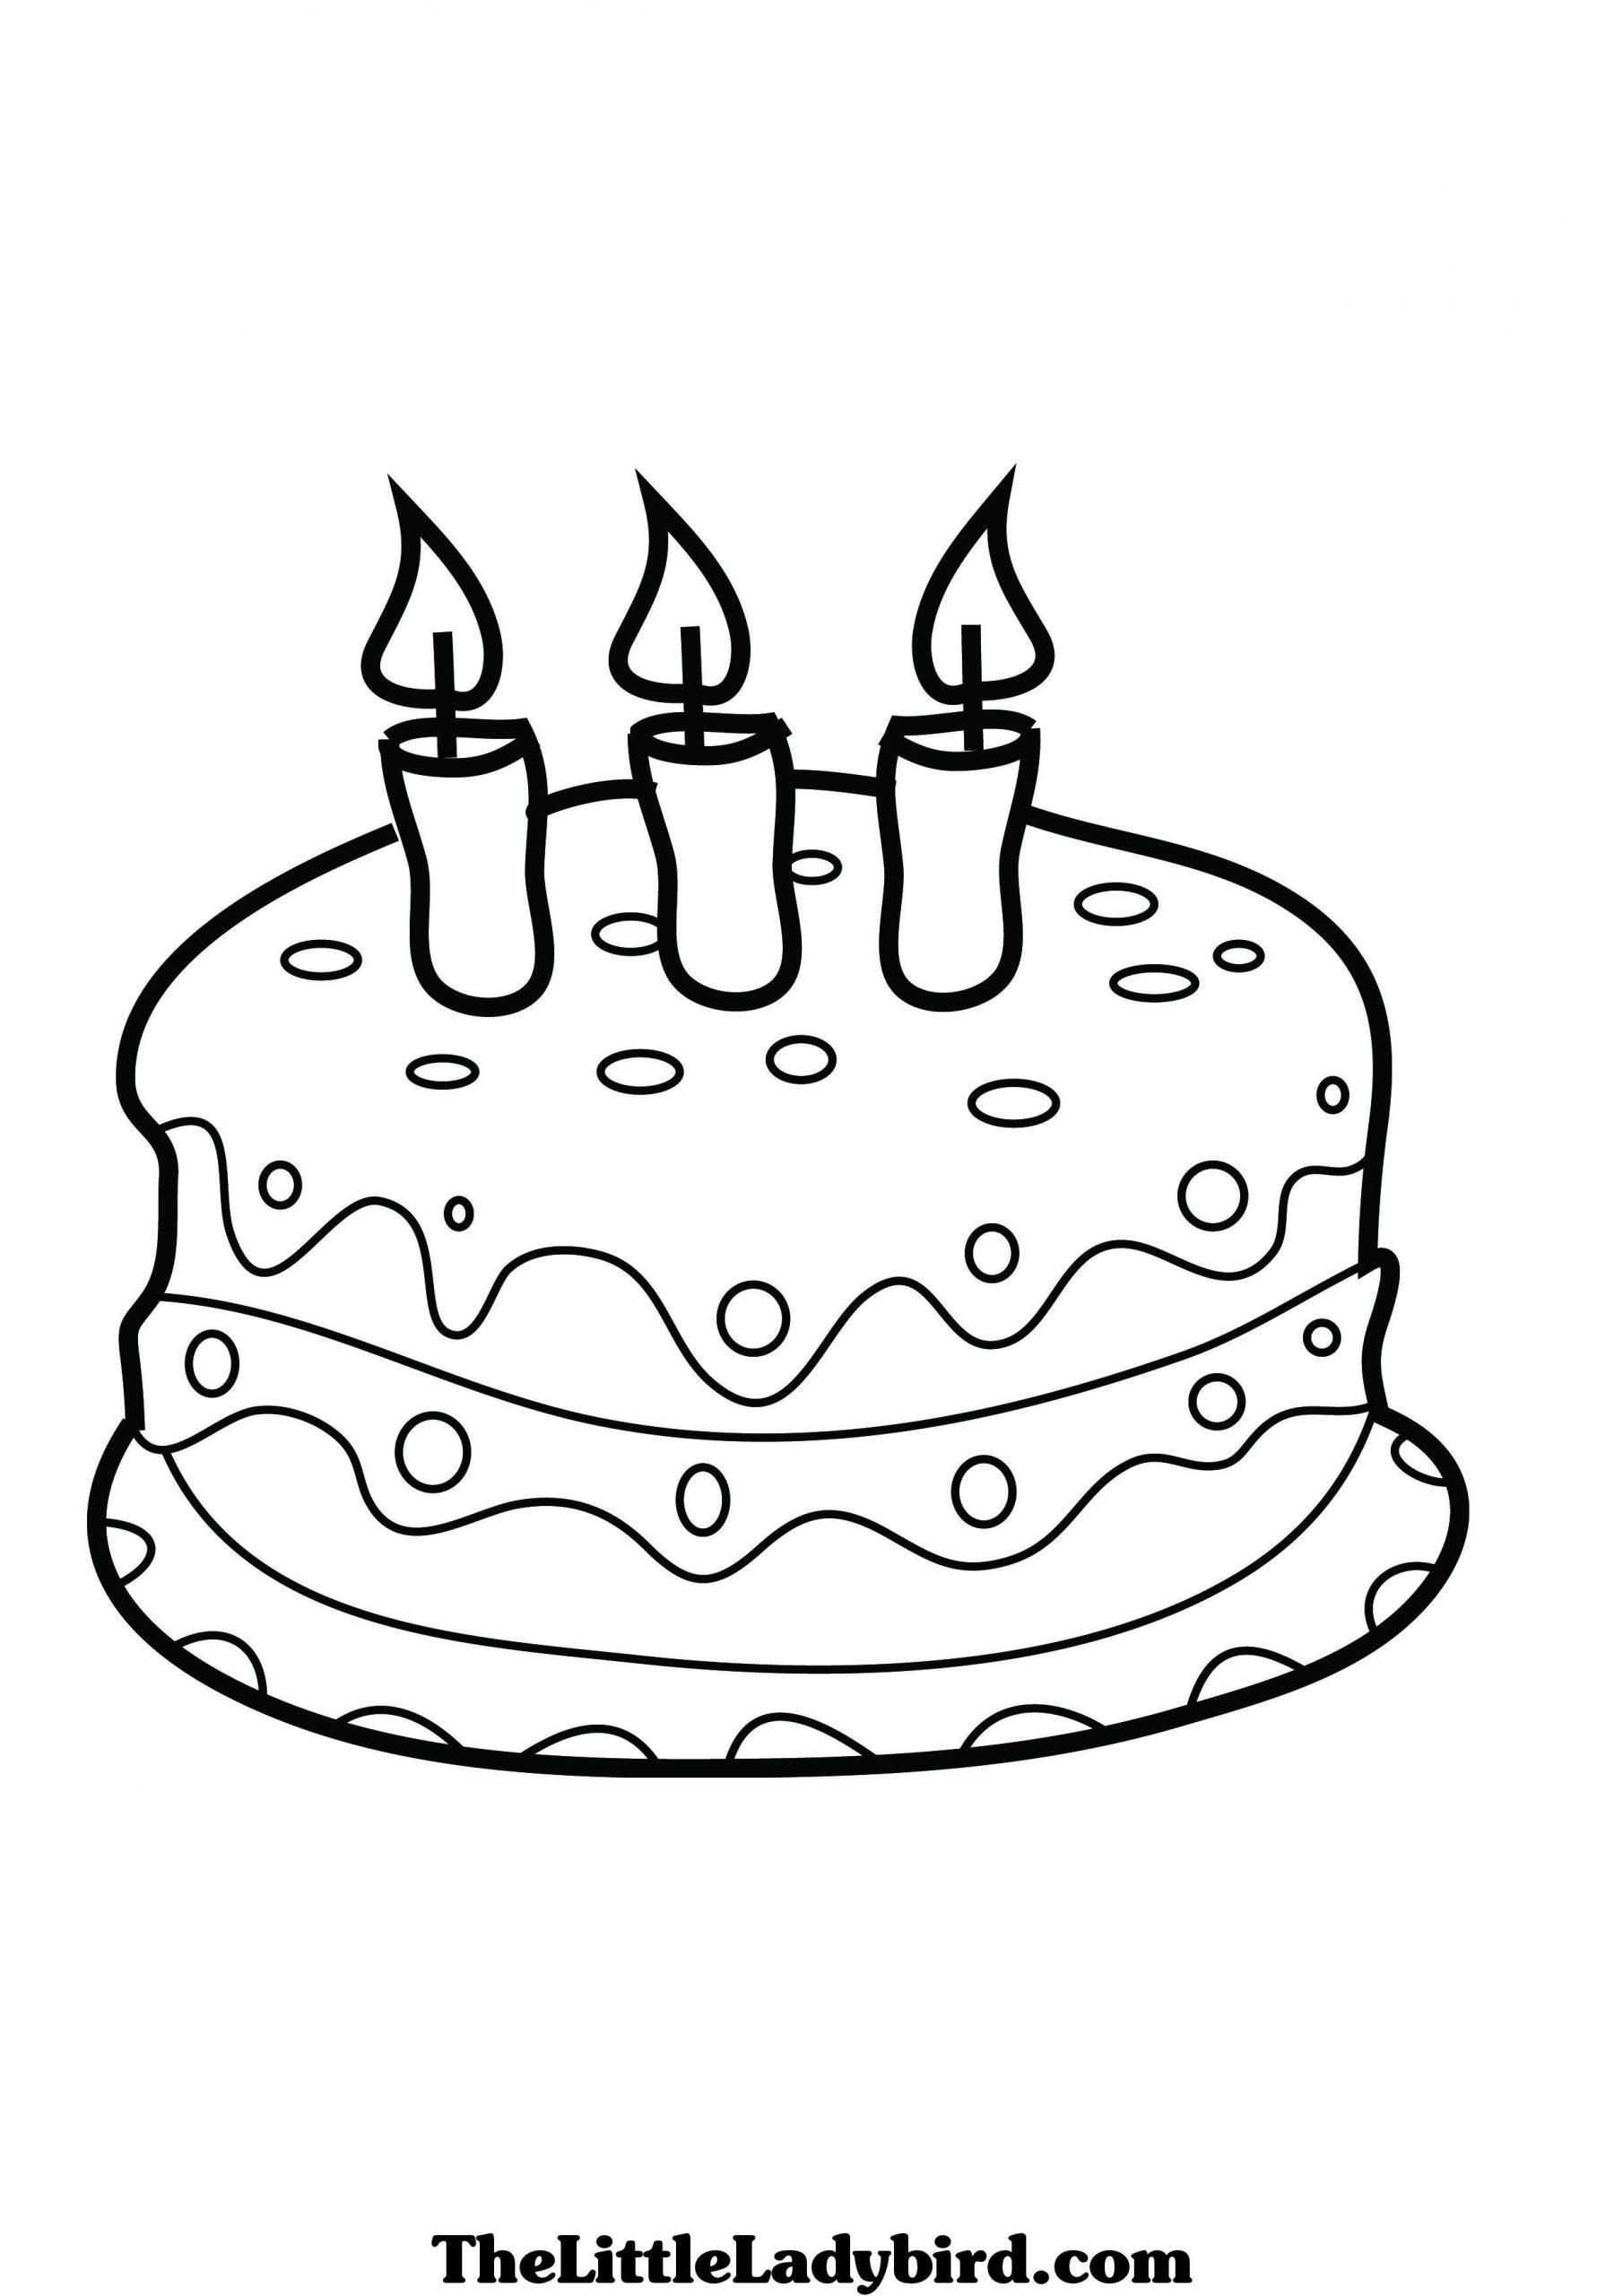 Neu Torte Ausmalen   Geburtstag Malvorlagen, Kinder in Ausmalbild Torte